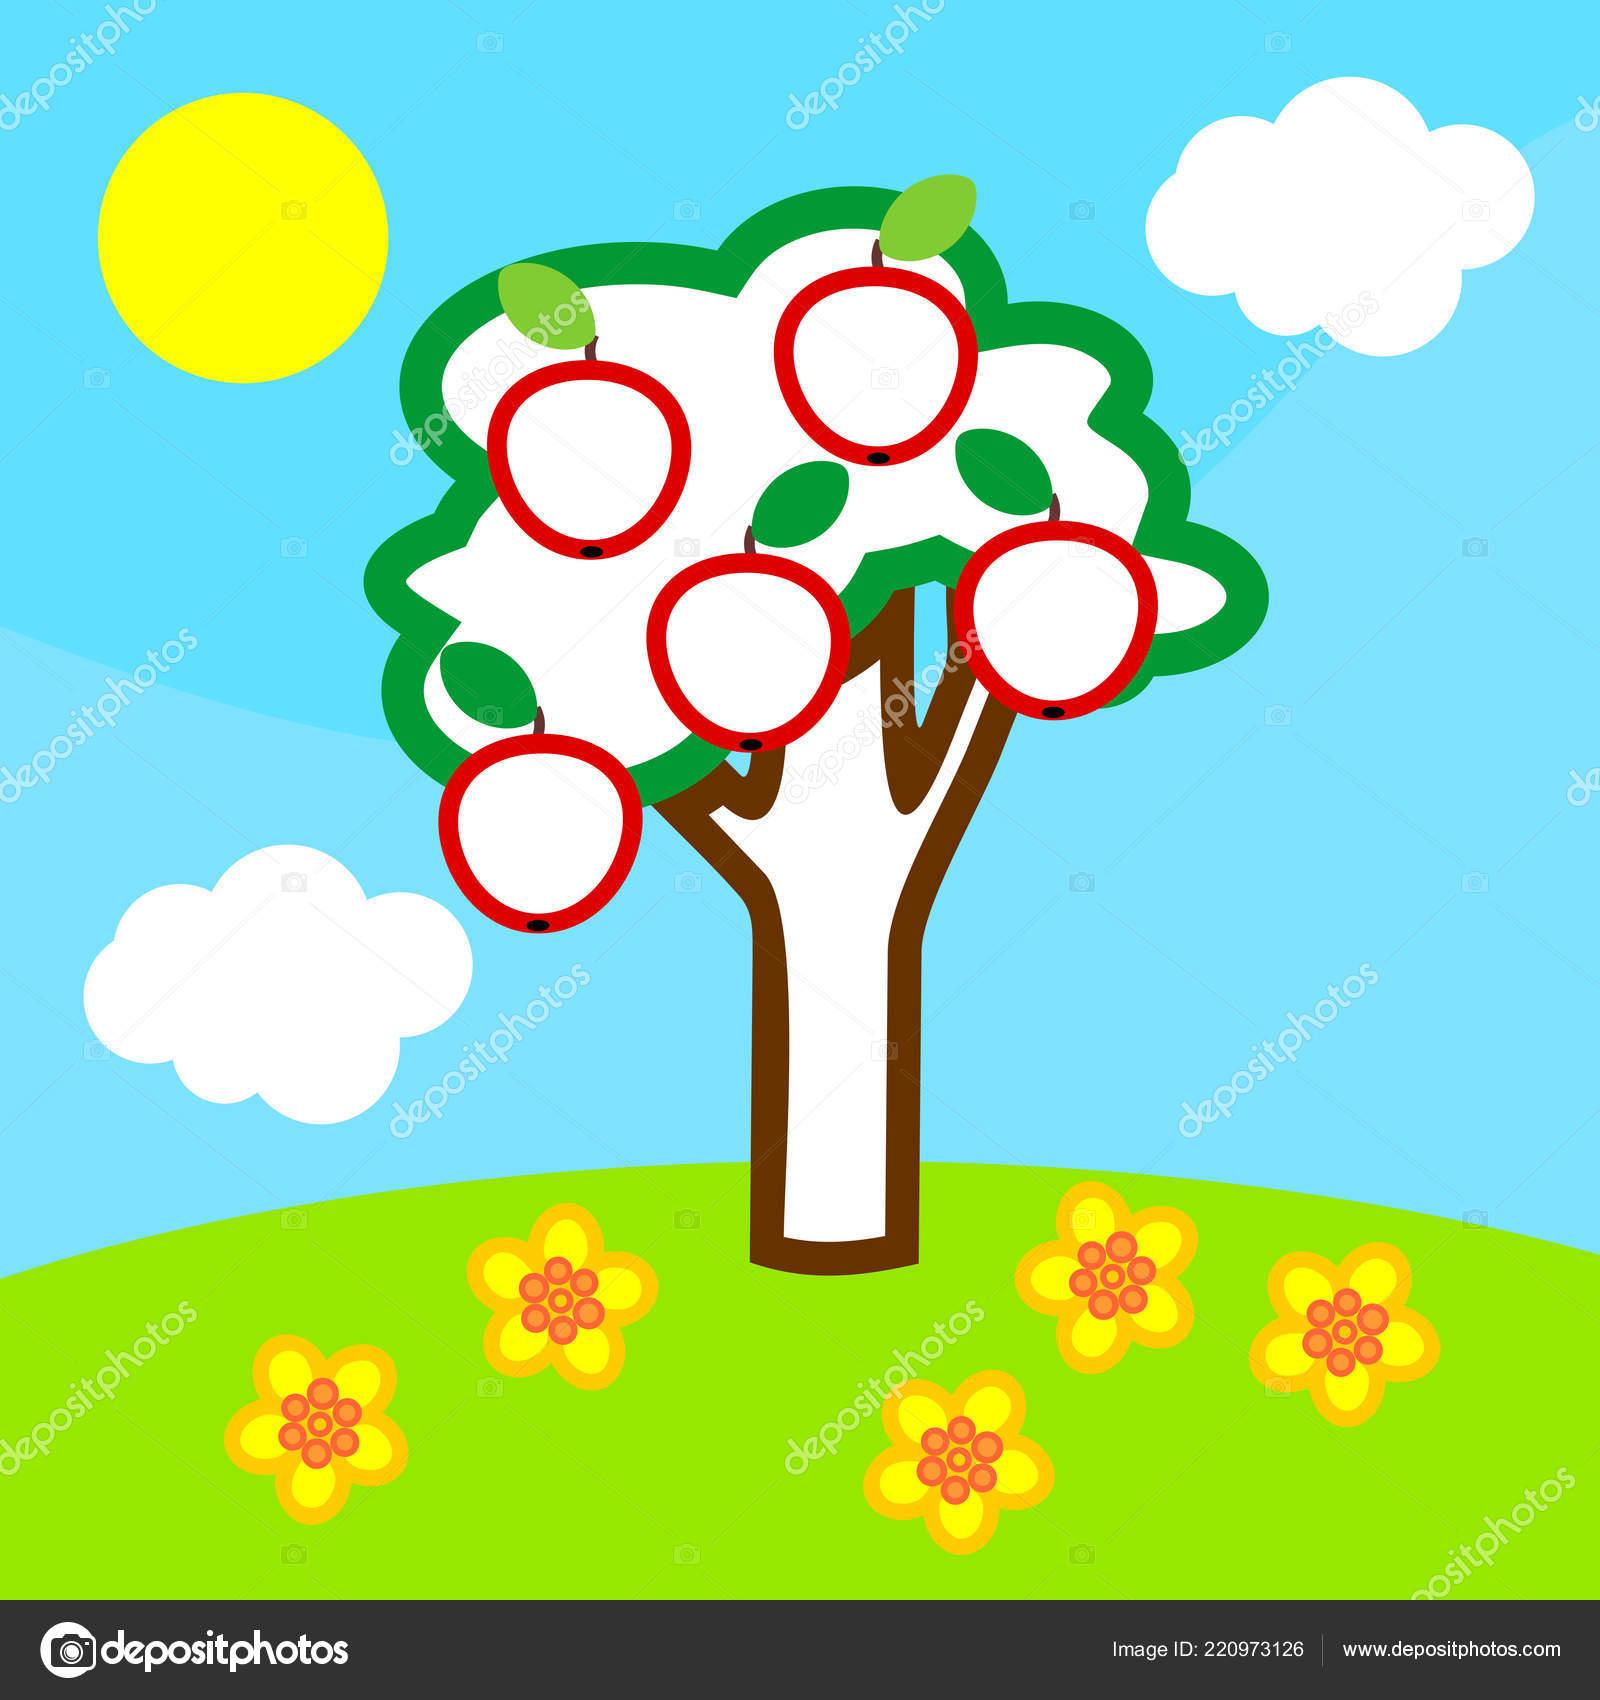 Boyama Sayfası Elma Ağacı Meyve Mavi Gökyüzü Beyaz Bulutlar Sarı